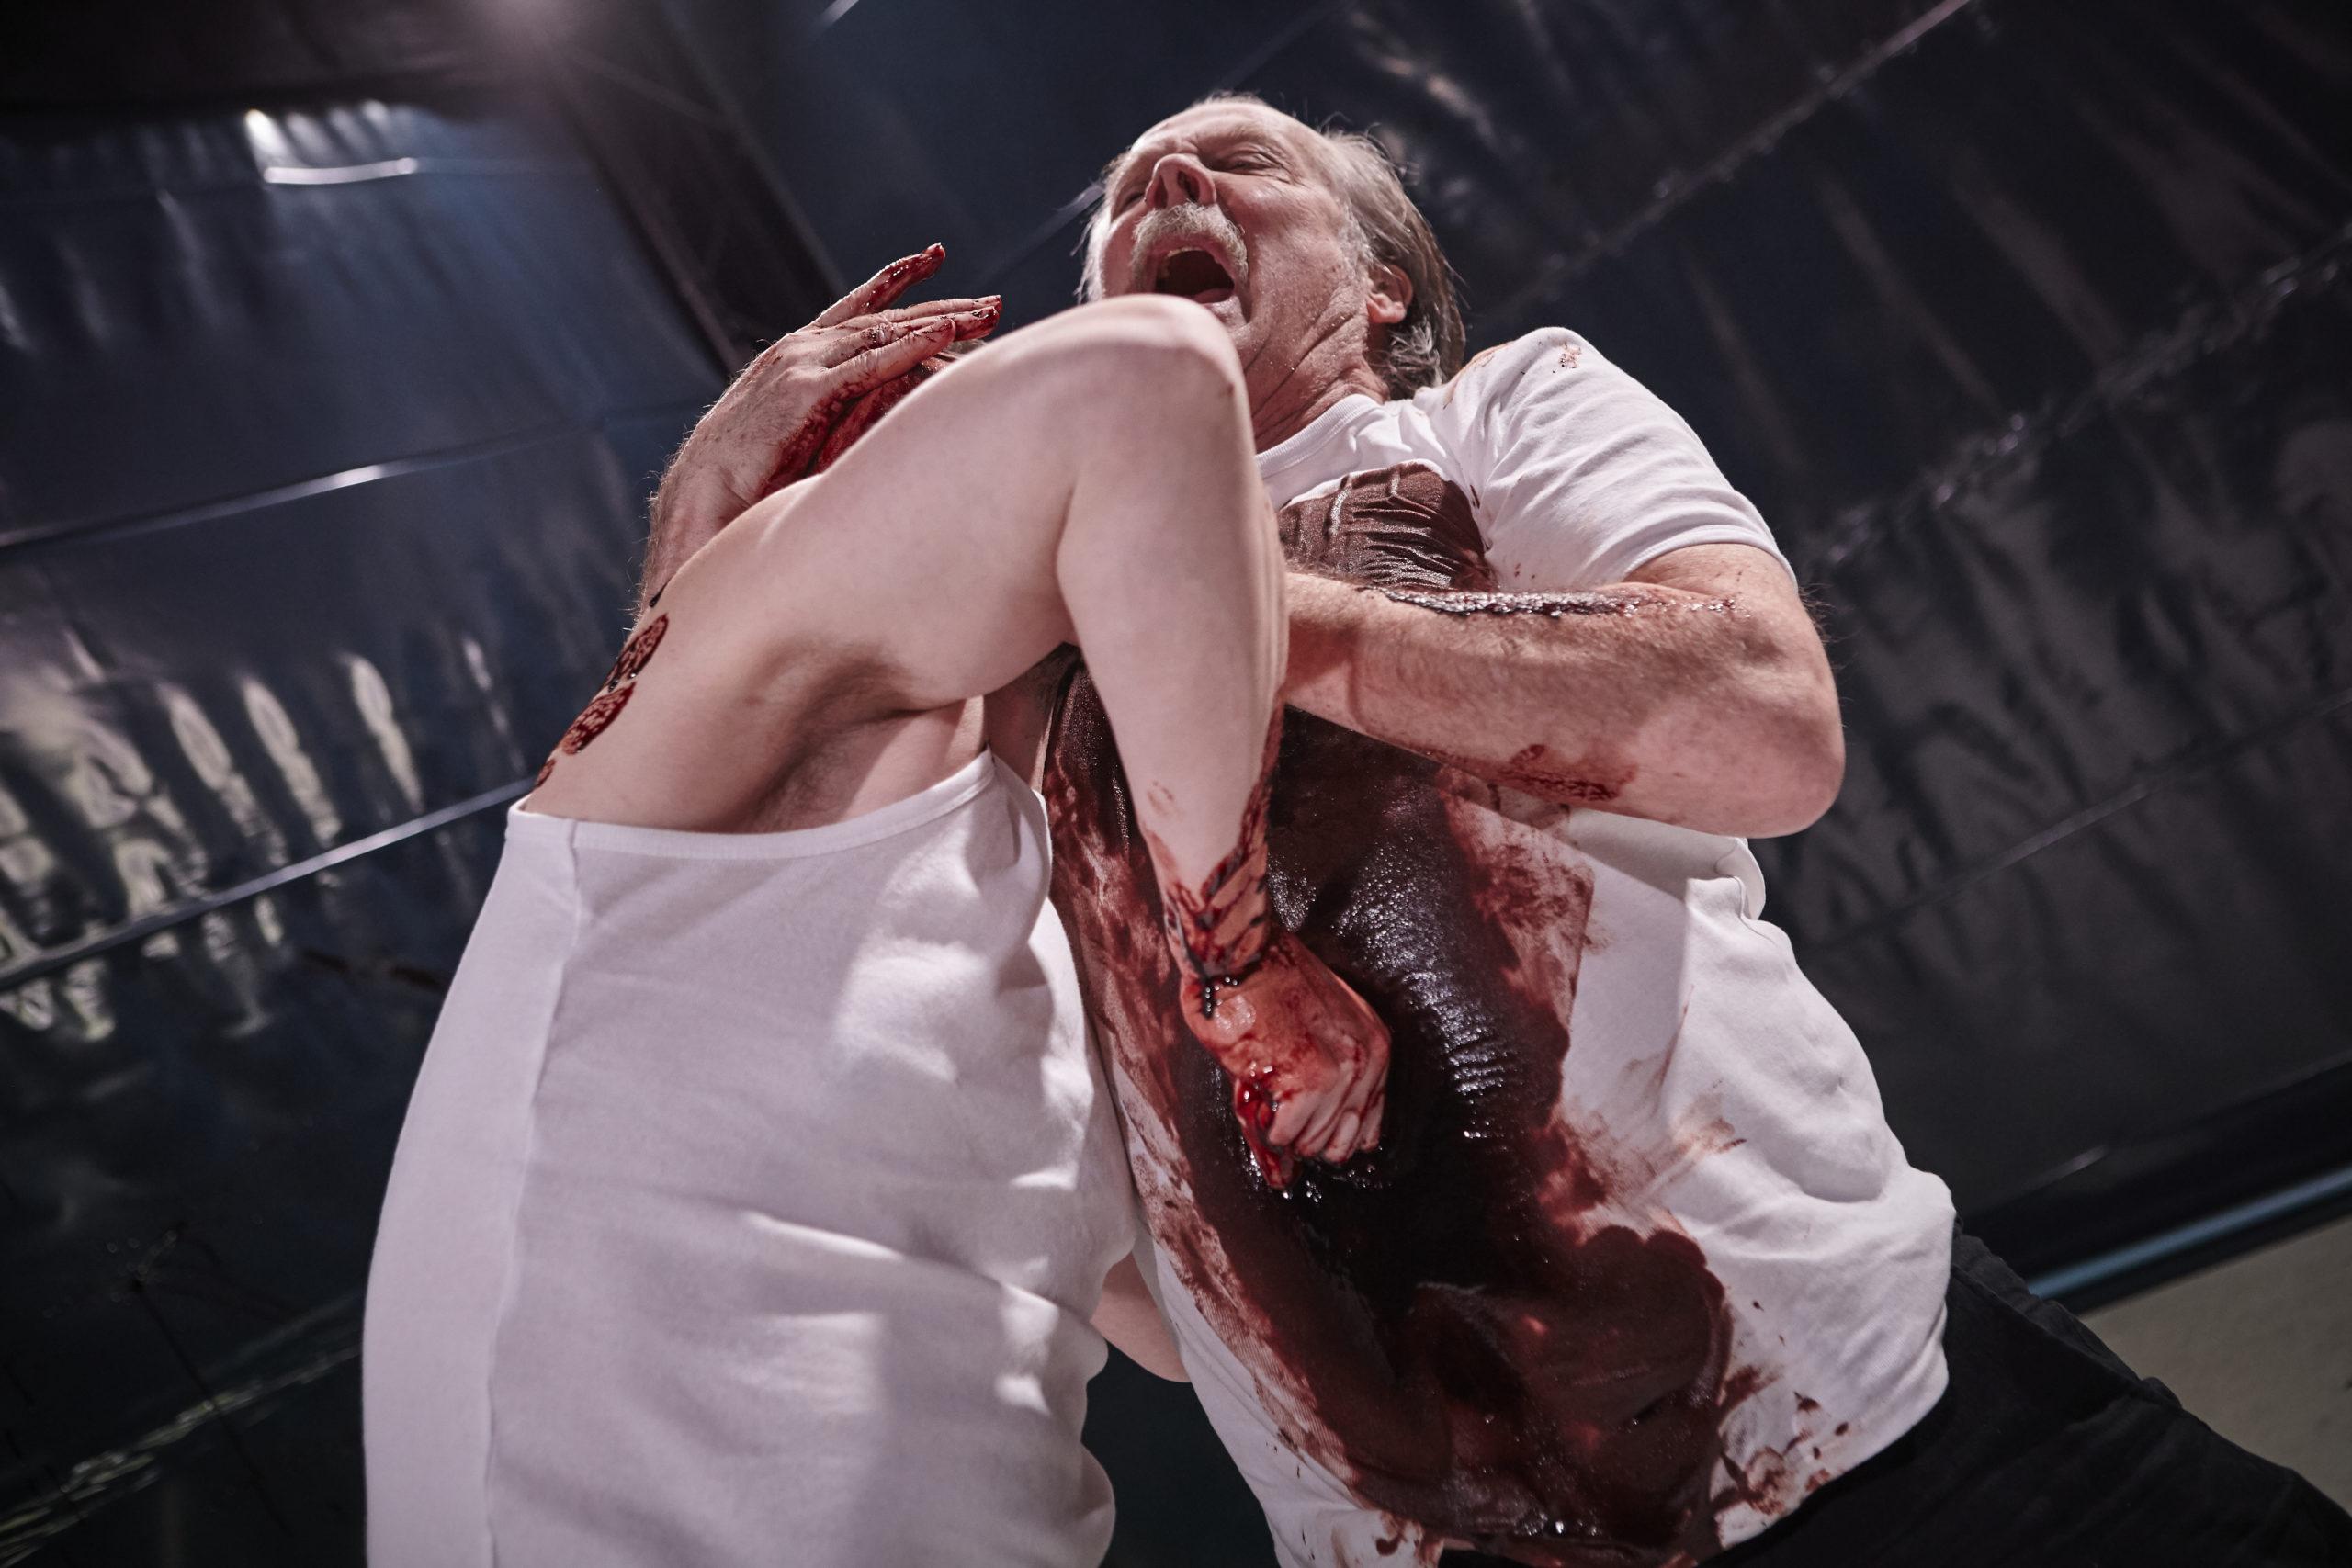 Anmeldelse: Mod til at dræbe, Teatret Møllen